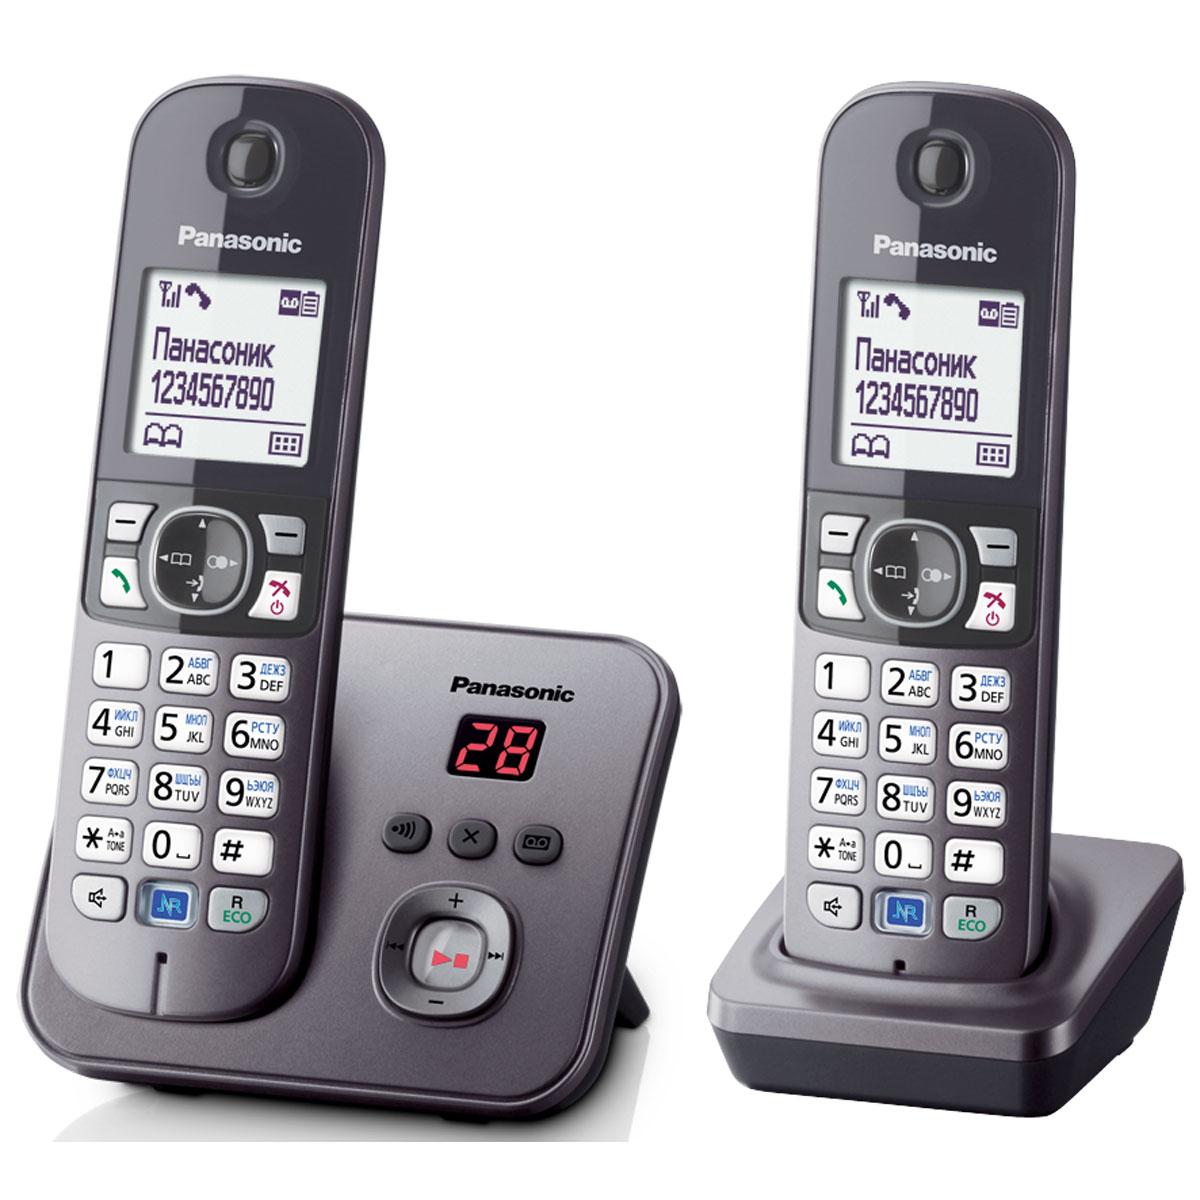 Panasonic KX-TG6822 RUM DECT телефонKX-TG6822RUMDECT телефон Panasonic KX-TG6822RUM. Функция радионяня - вы можете осуществлять акустический контроль помещения, например, детской из других комнат в доме - одна трубка устанавливается рядом с ребенком, а вторая - у родителей. Снижение фонового шума позволяет улучшить качество связи. Panasonic KX-TG6822RUM имеет в комплекте дополнительную трубку. блокировка клавиатуры русифицированное меню часы, дата на дисплее будильник с повторным сигналом и установкой по дням недели повторный набор